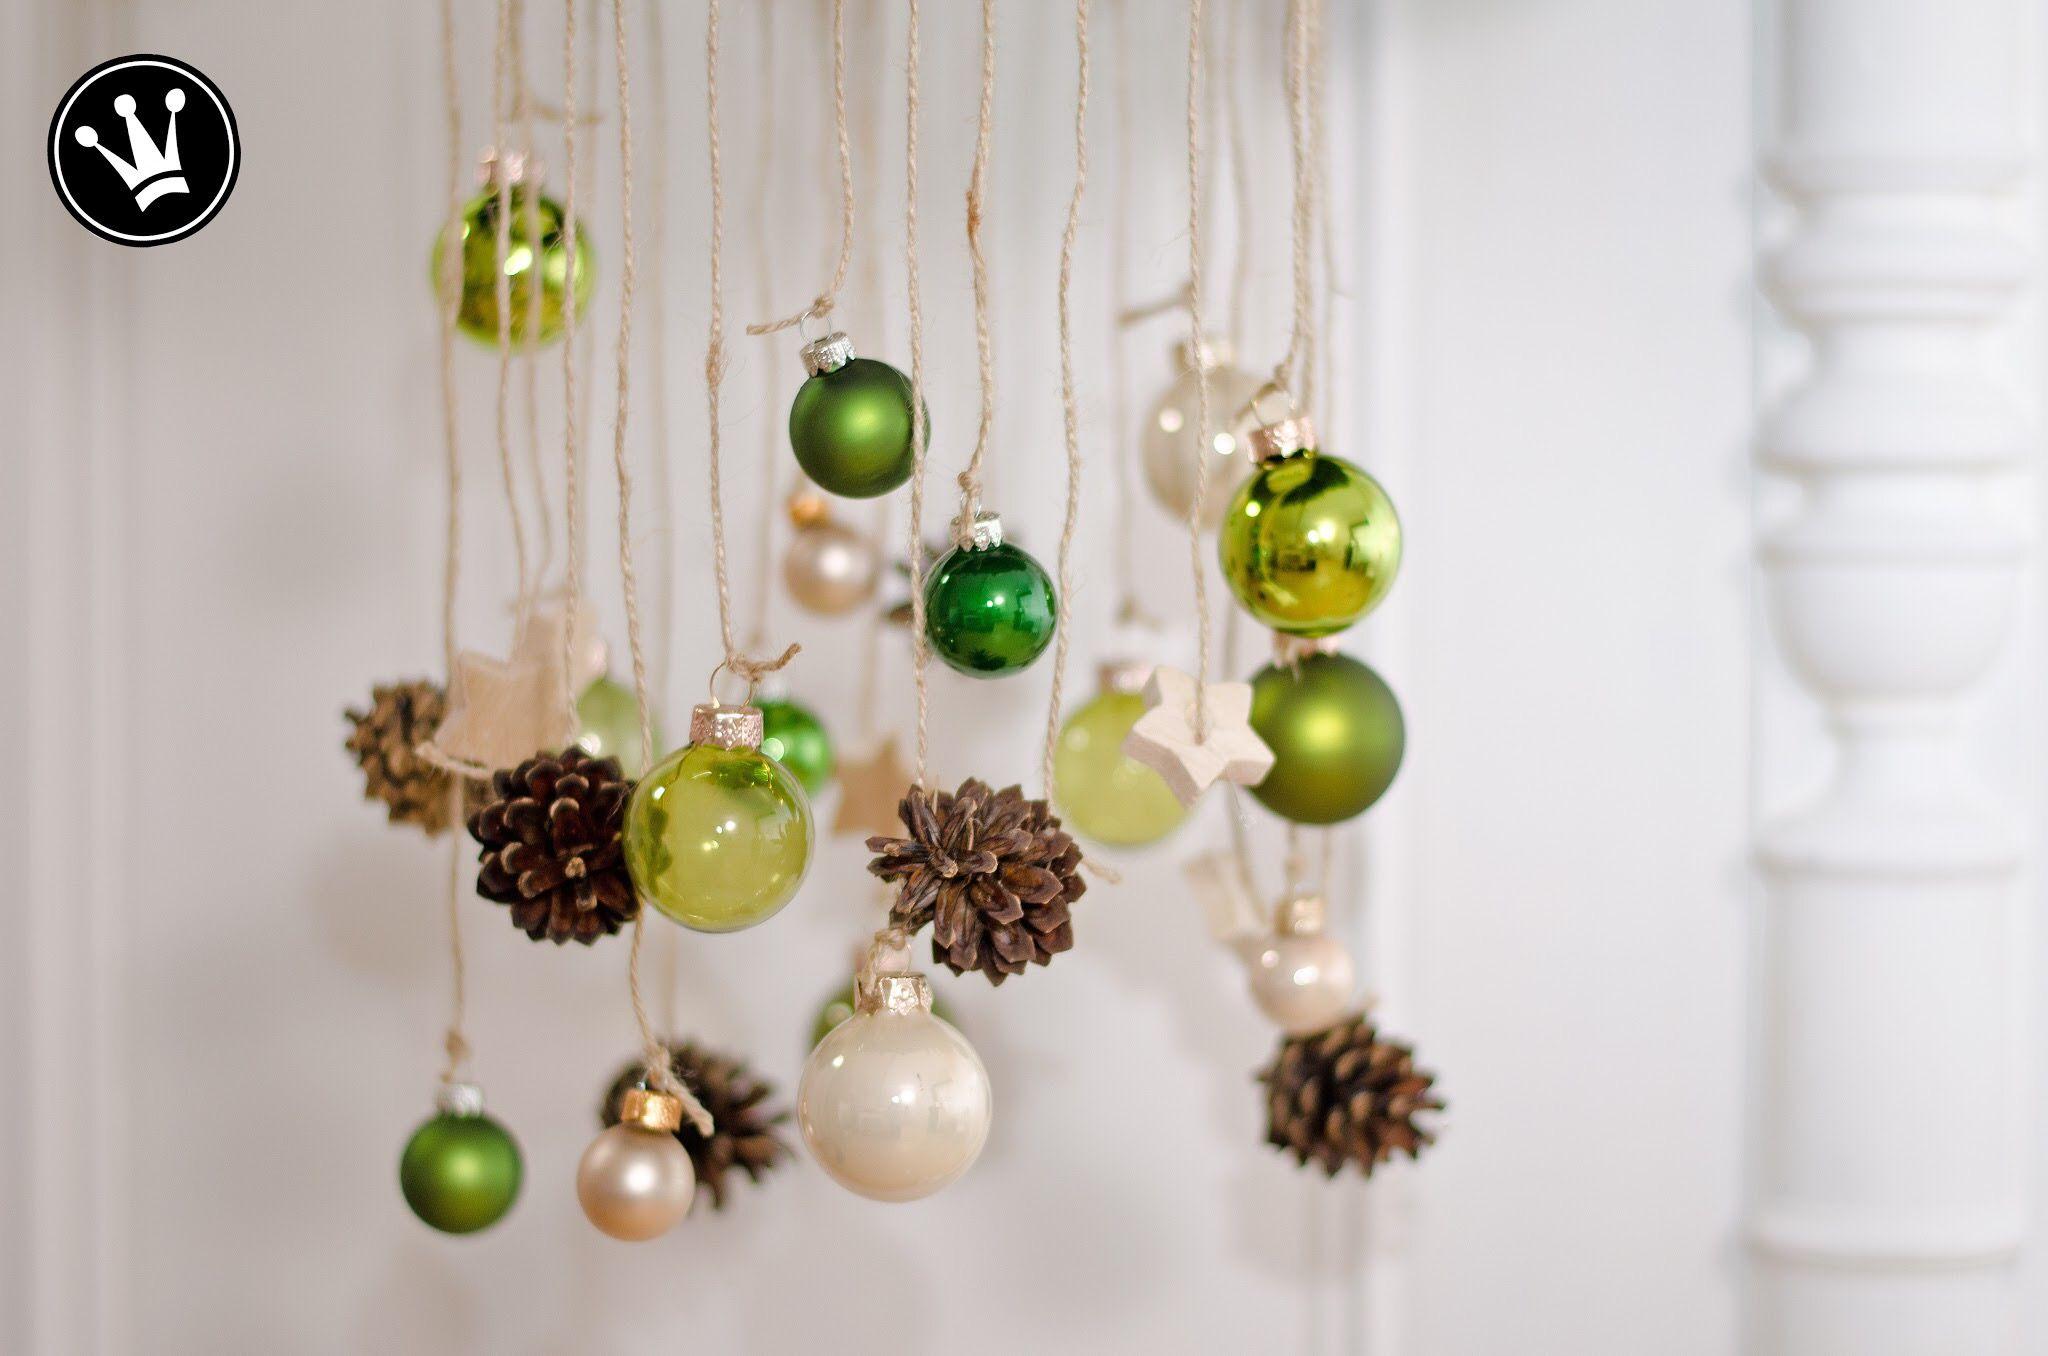 Beautiful DIY   Adventskranz Aus Moos, Zweigen, Zapfen Und Glaskugeln Selber Machen.  #DekoideenReich Great Pictures